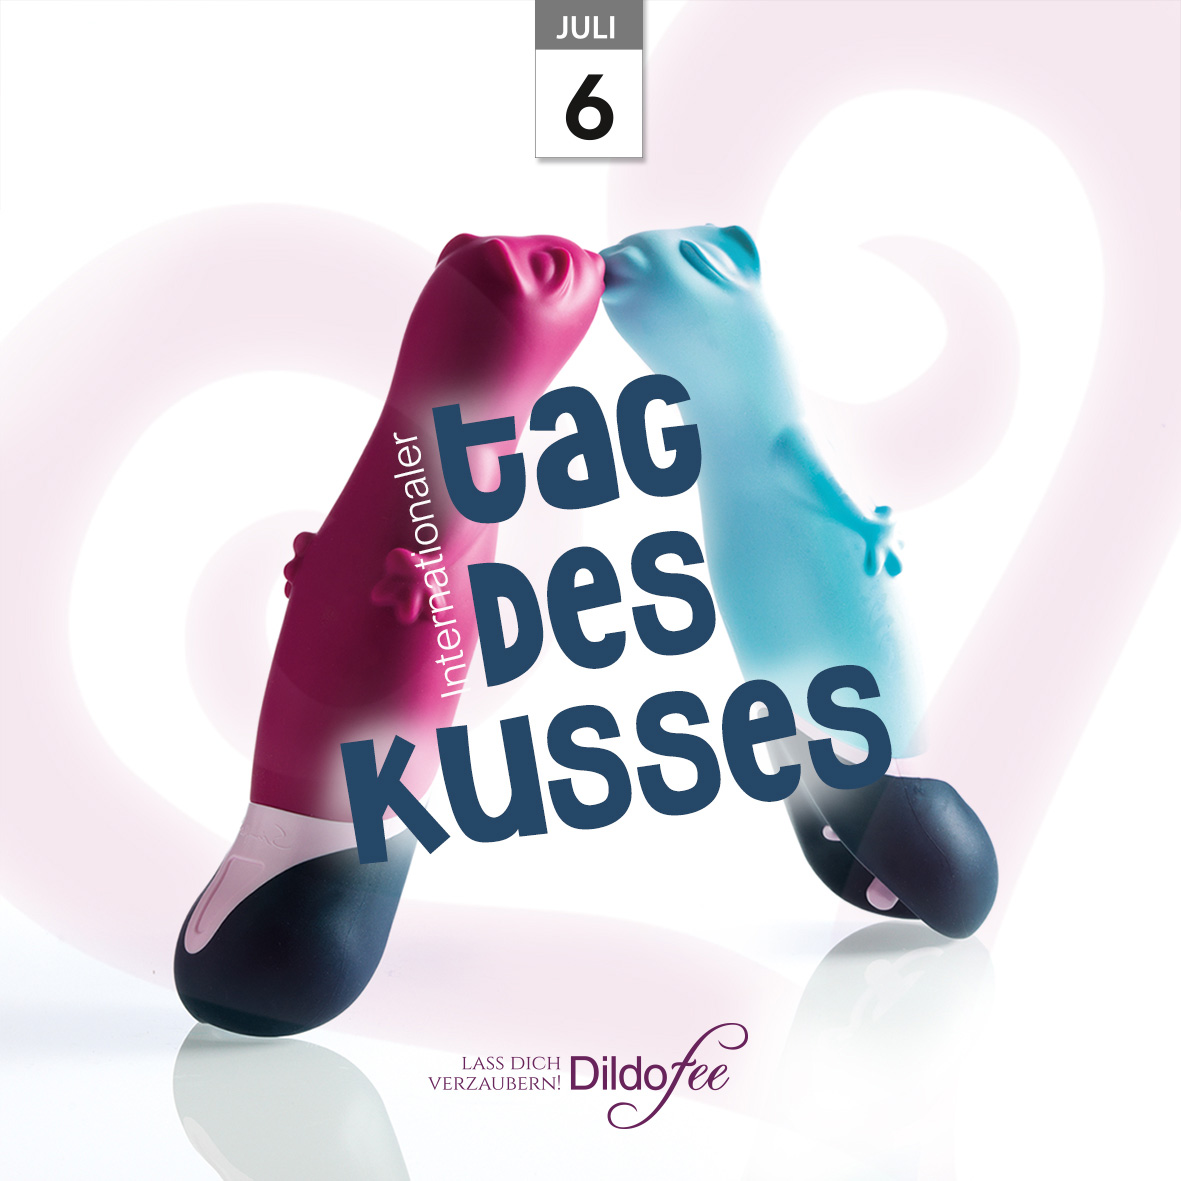 Kusstag_Hugo